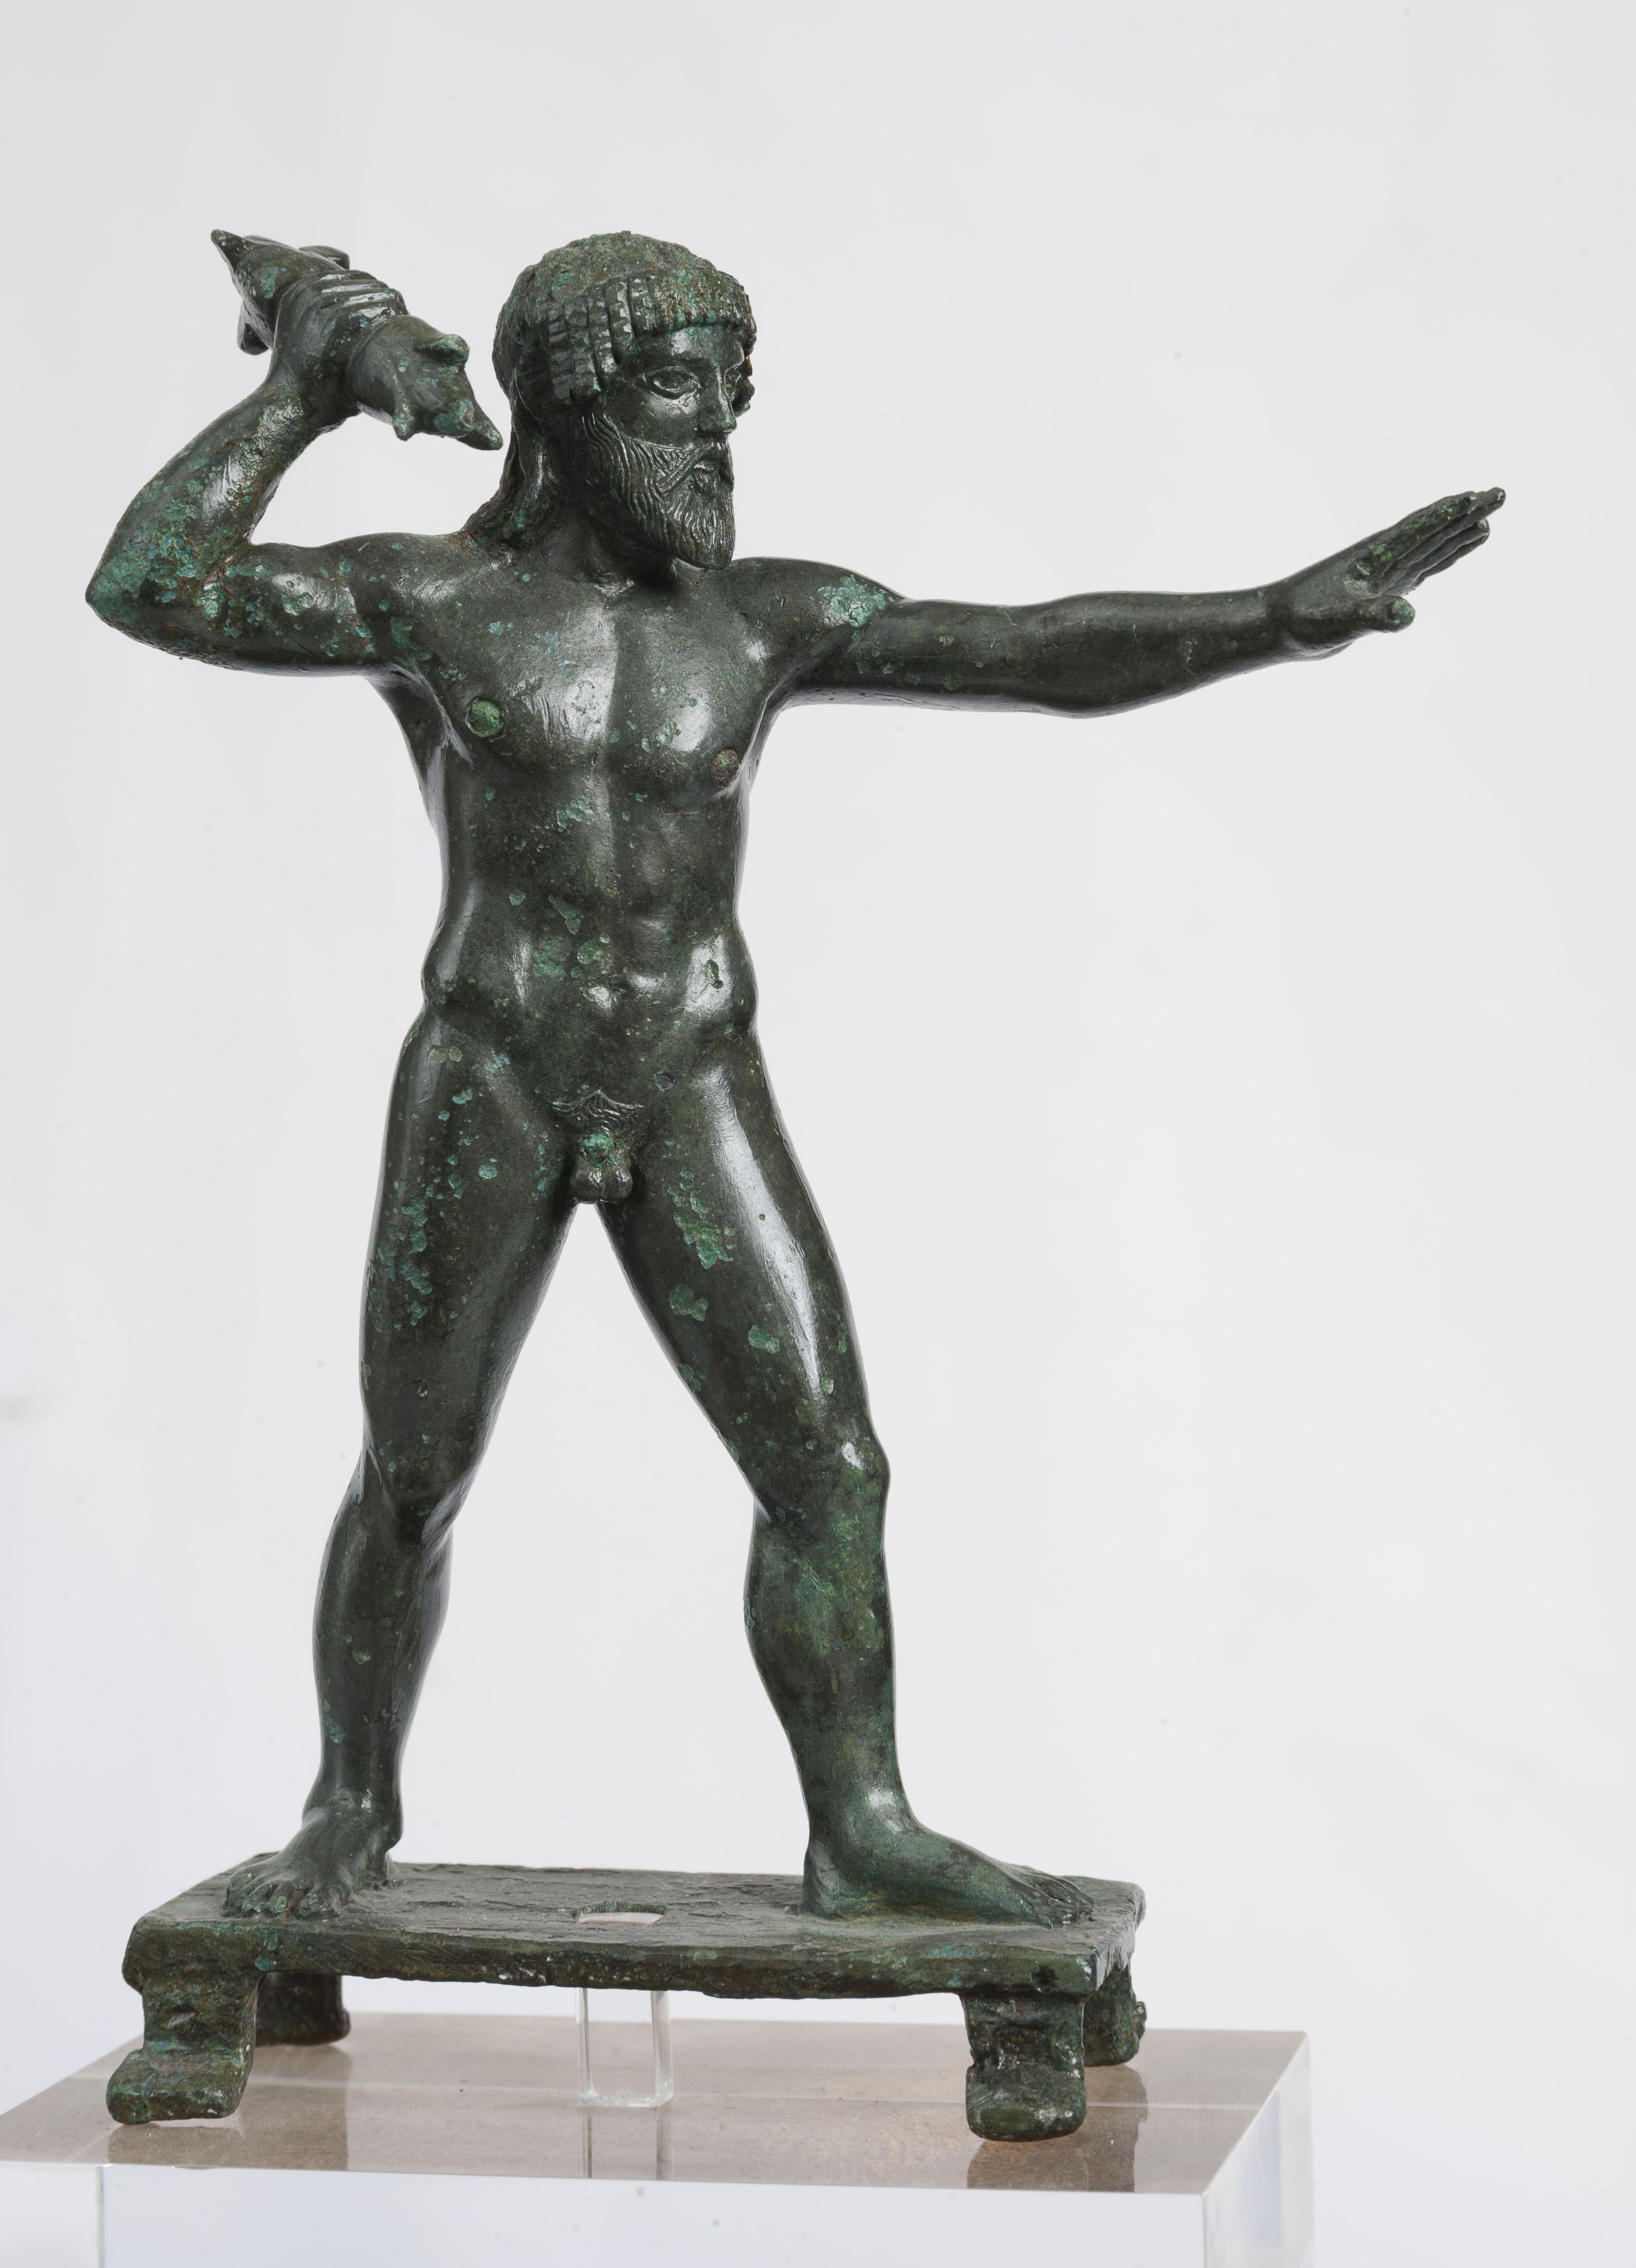 Ειδώλιο Δία Κεραύνιου. Ο θεός του ουρανού και των καιρικών φαινομένων κρατά το κατεξοχήν σύμβολό του,τον κεραυνό 470-460 π.Χ.